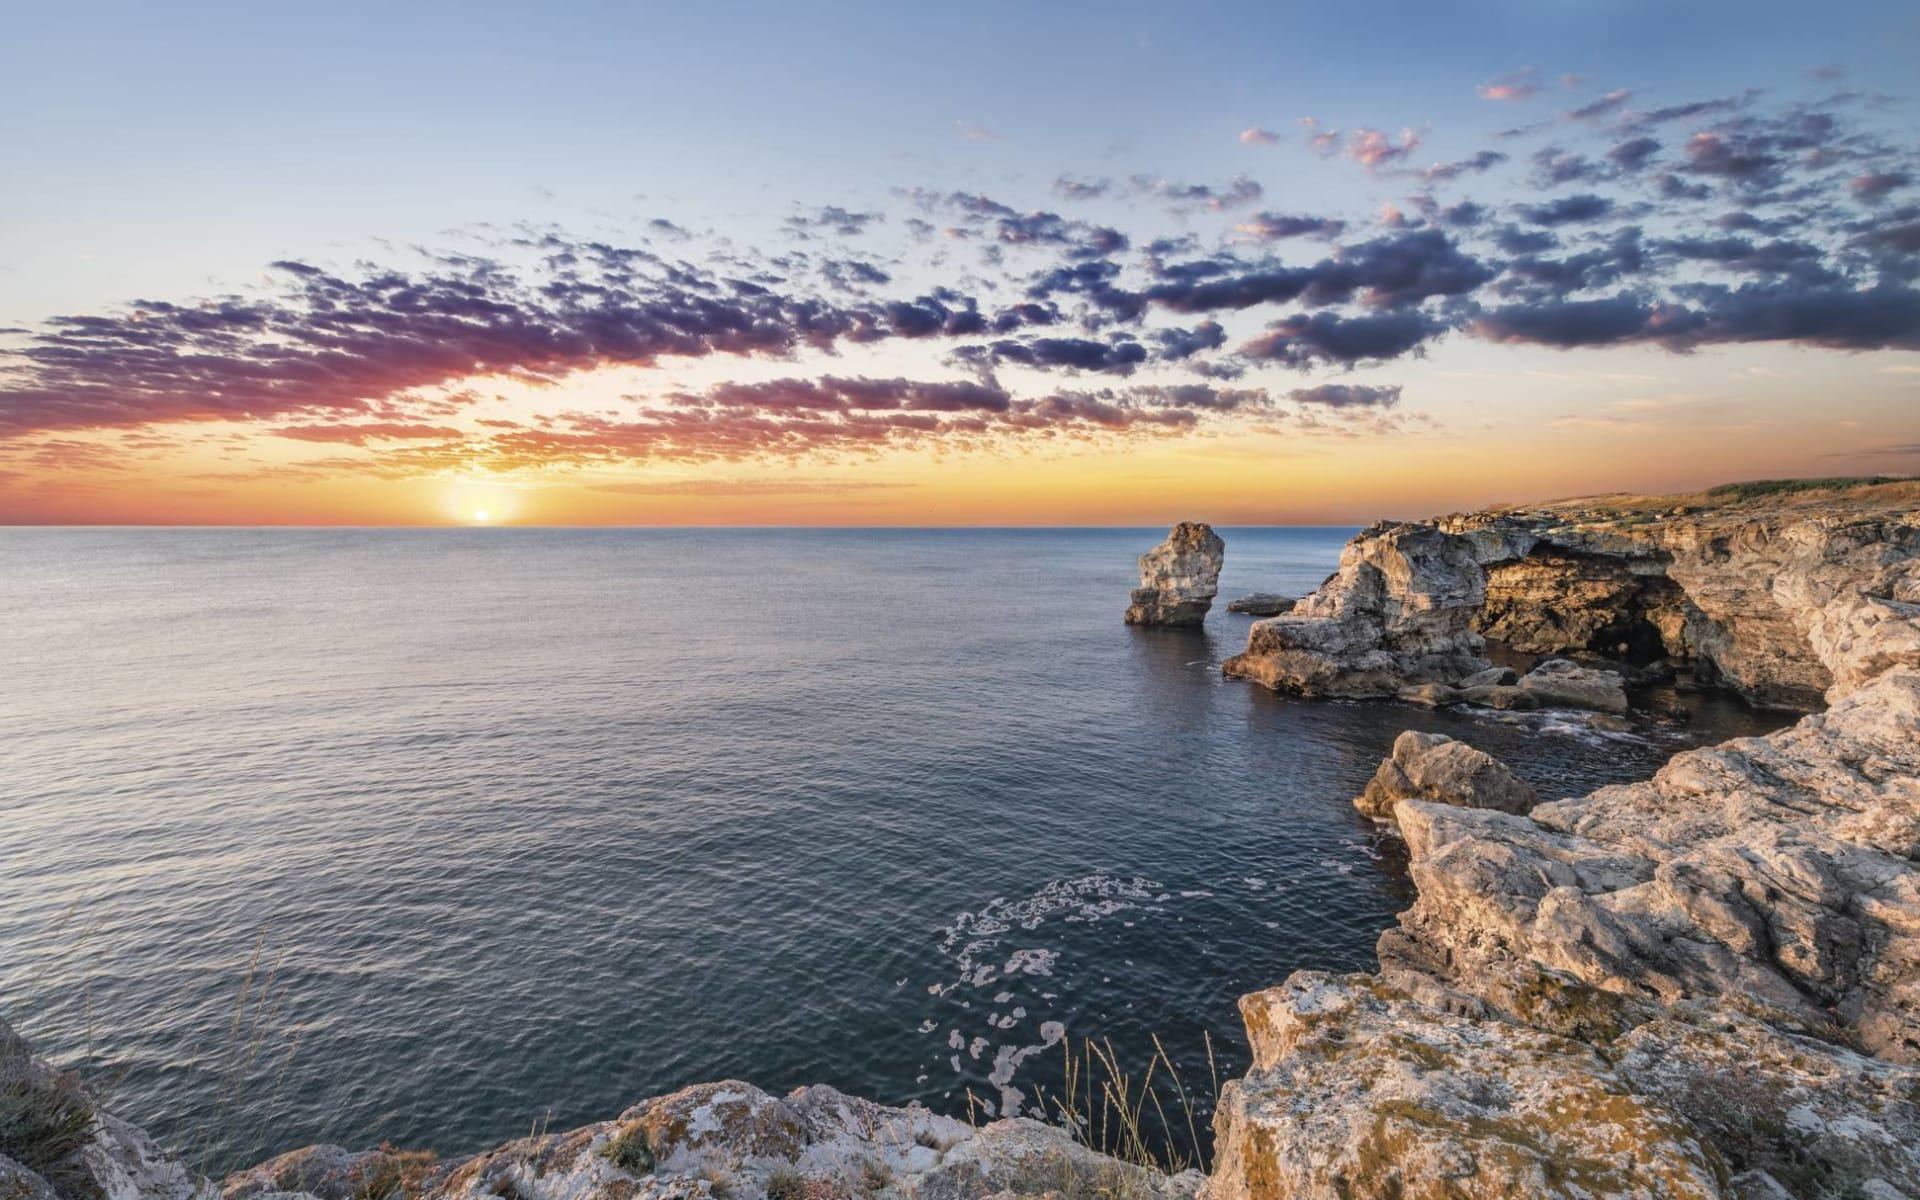 Premium: Dreams Yucatán ab Cancun: Mexiko - Yucatan - Bucht bei Cancun während dem Sonnenuntergang